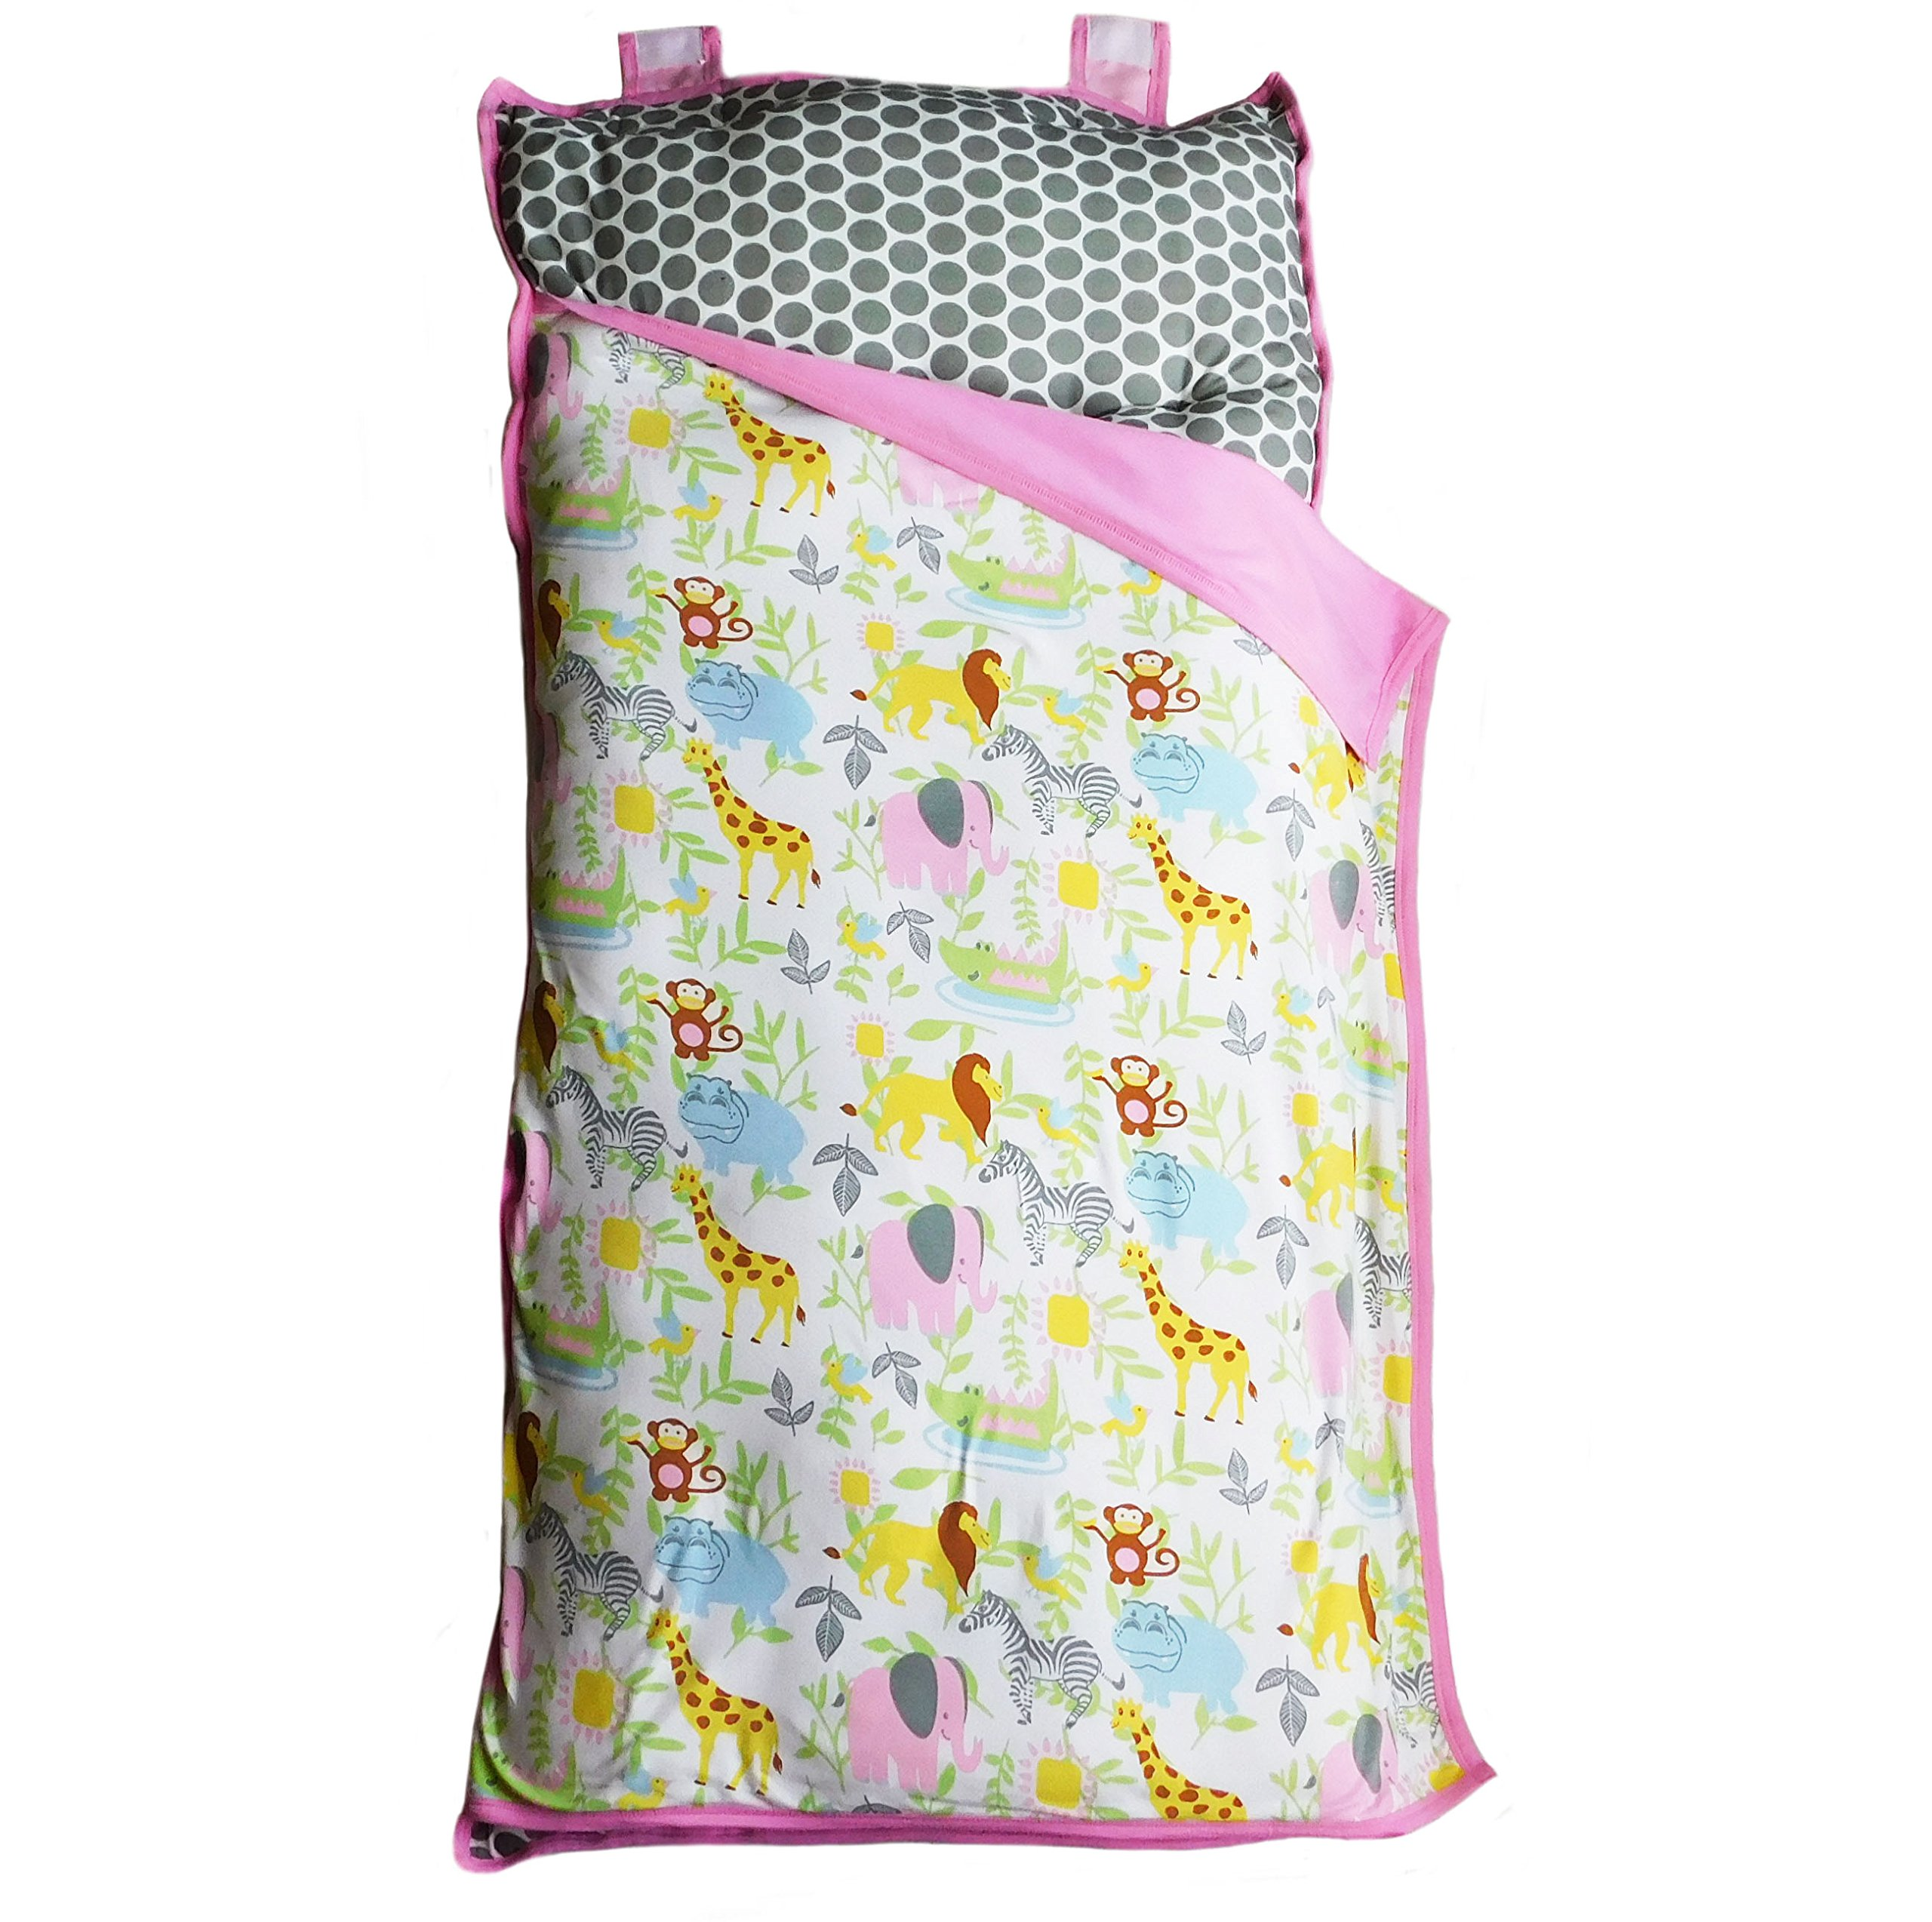 AnnLoren Toddler Girls Pink & Grey Zoo Animals Cozy Plush School Nap Time Mat